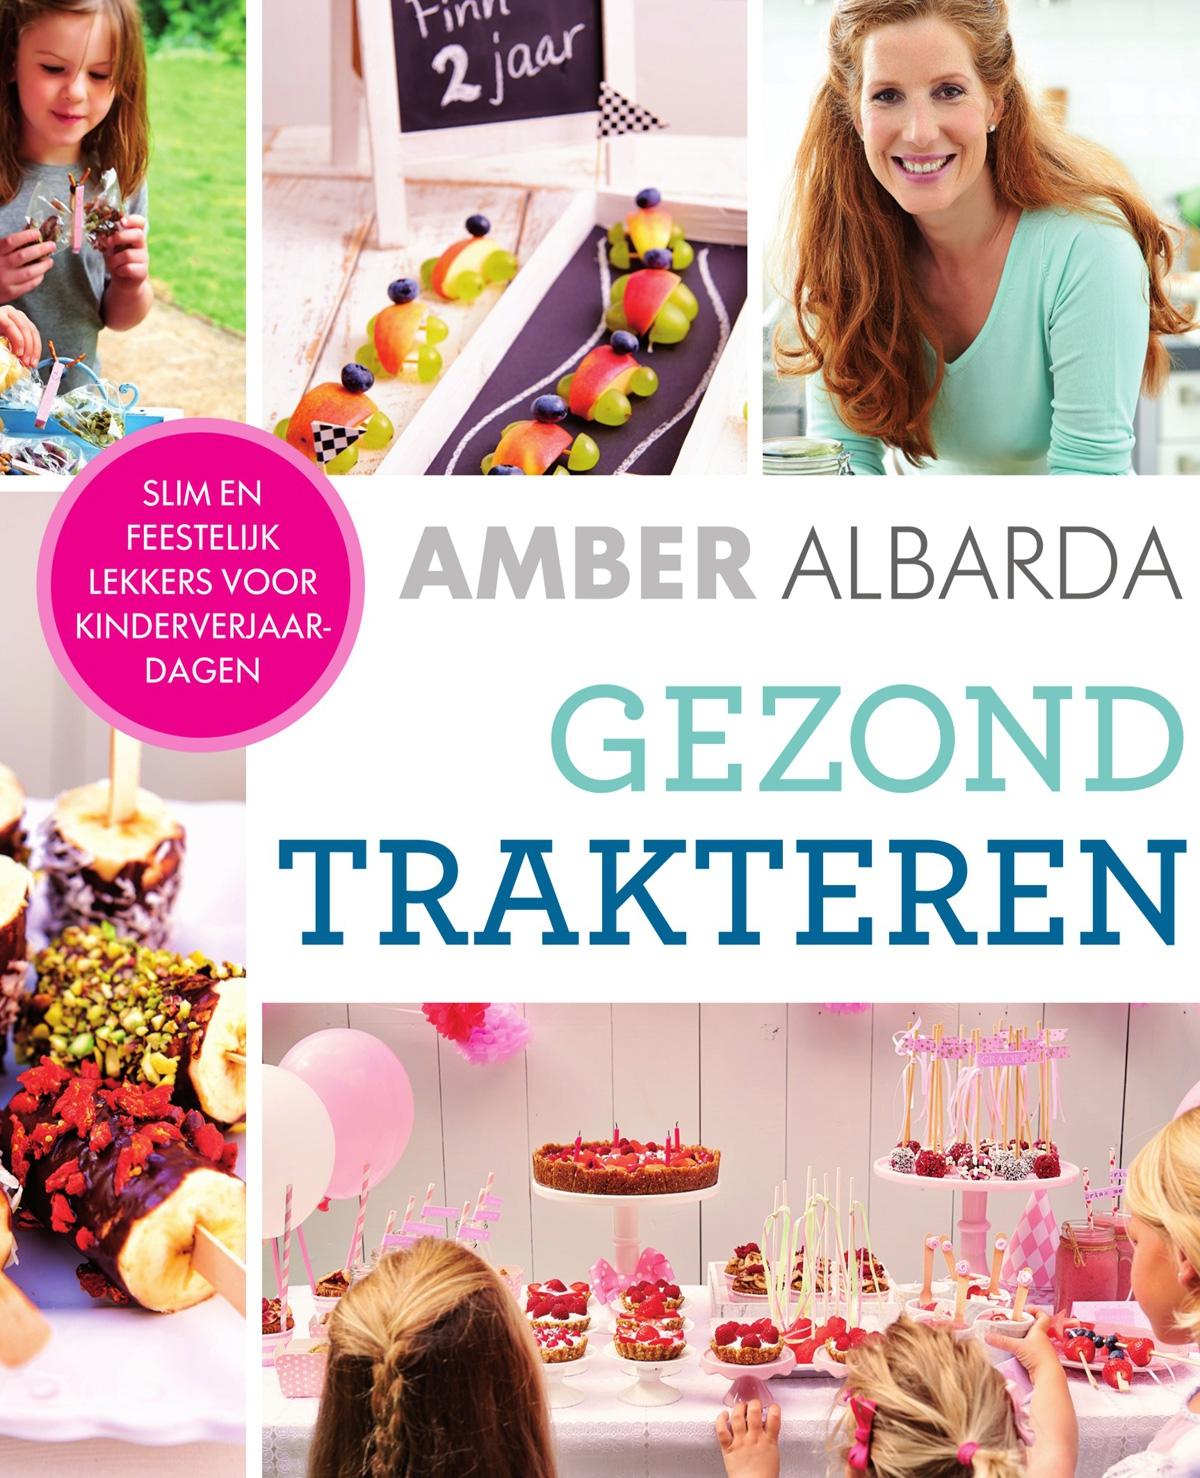 Win het boek 'Gezond trakteren' van Amber Albarda